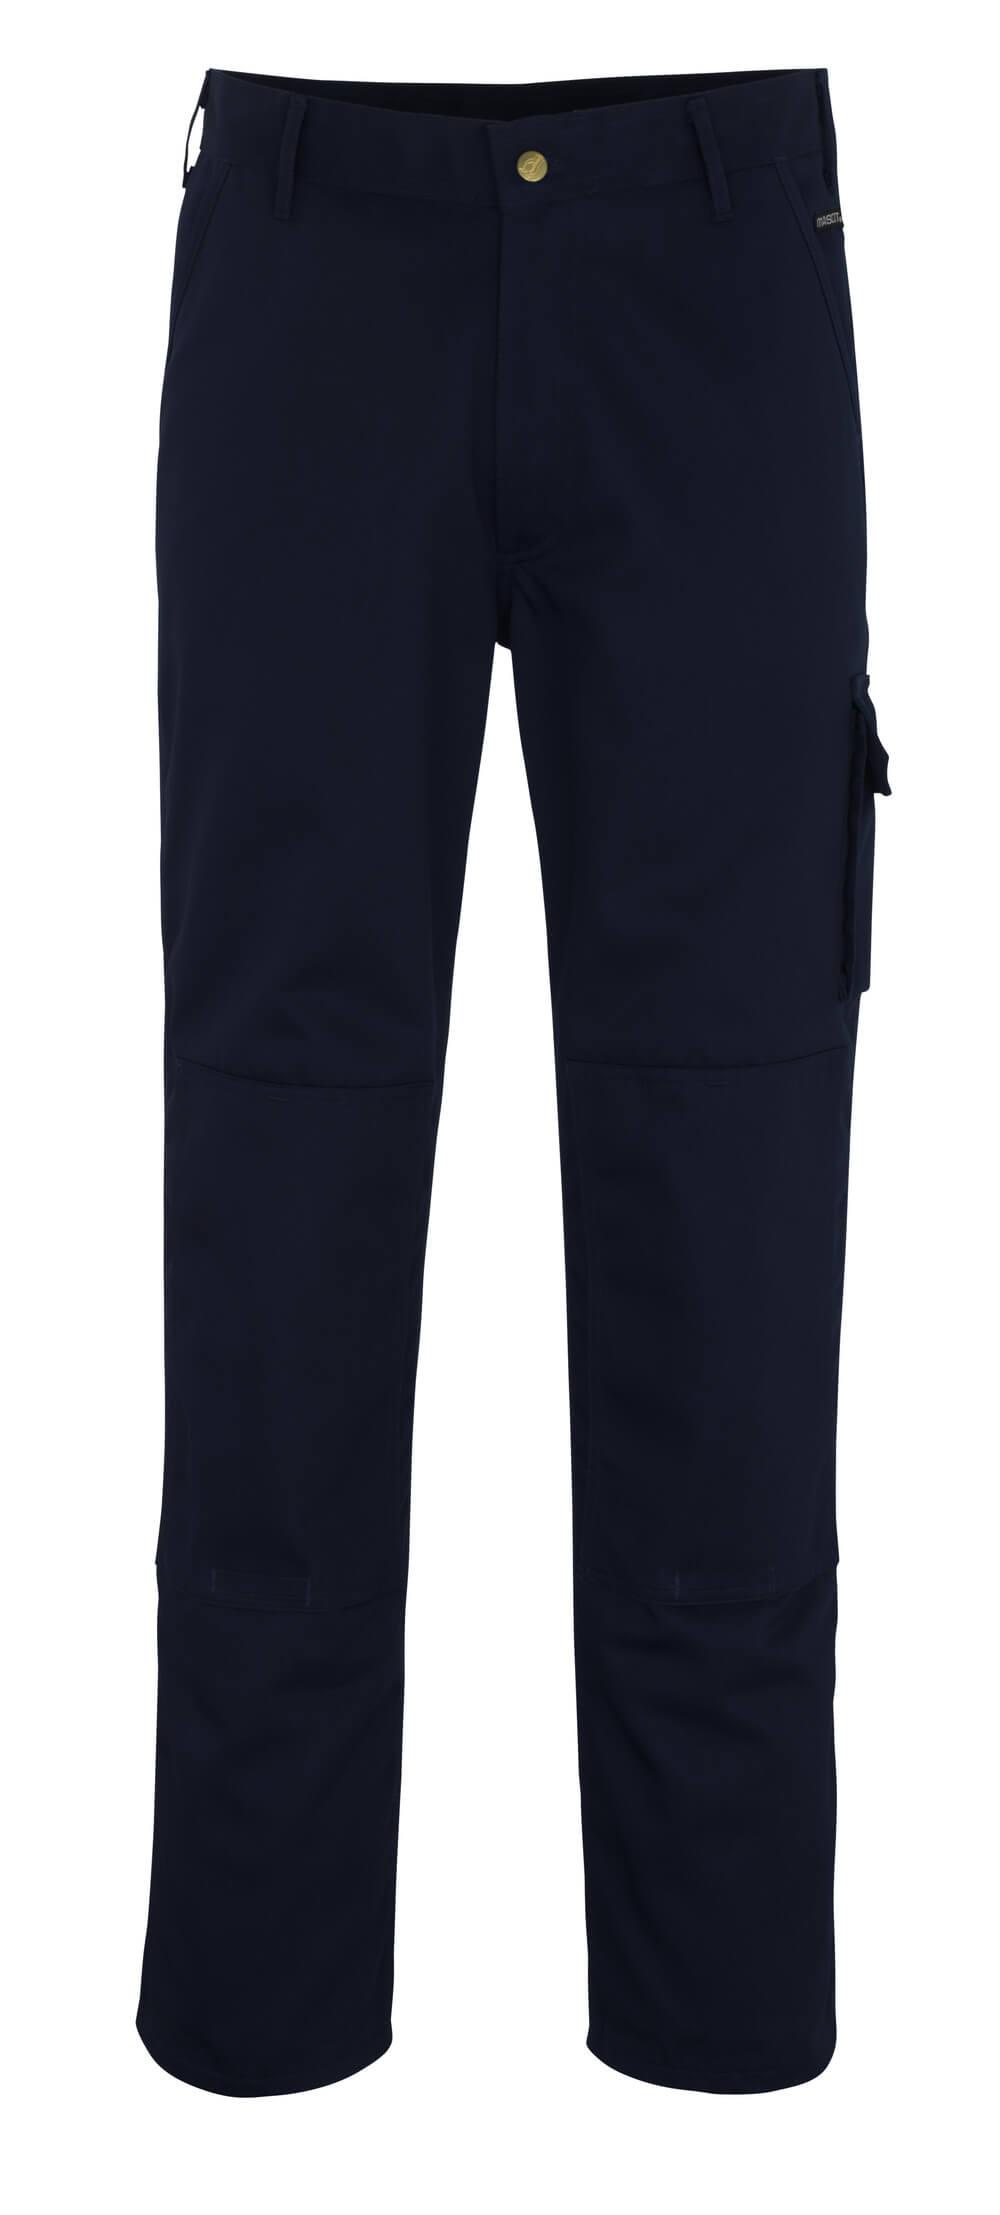 00279-430-01 Bukser med knelommer - marine